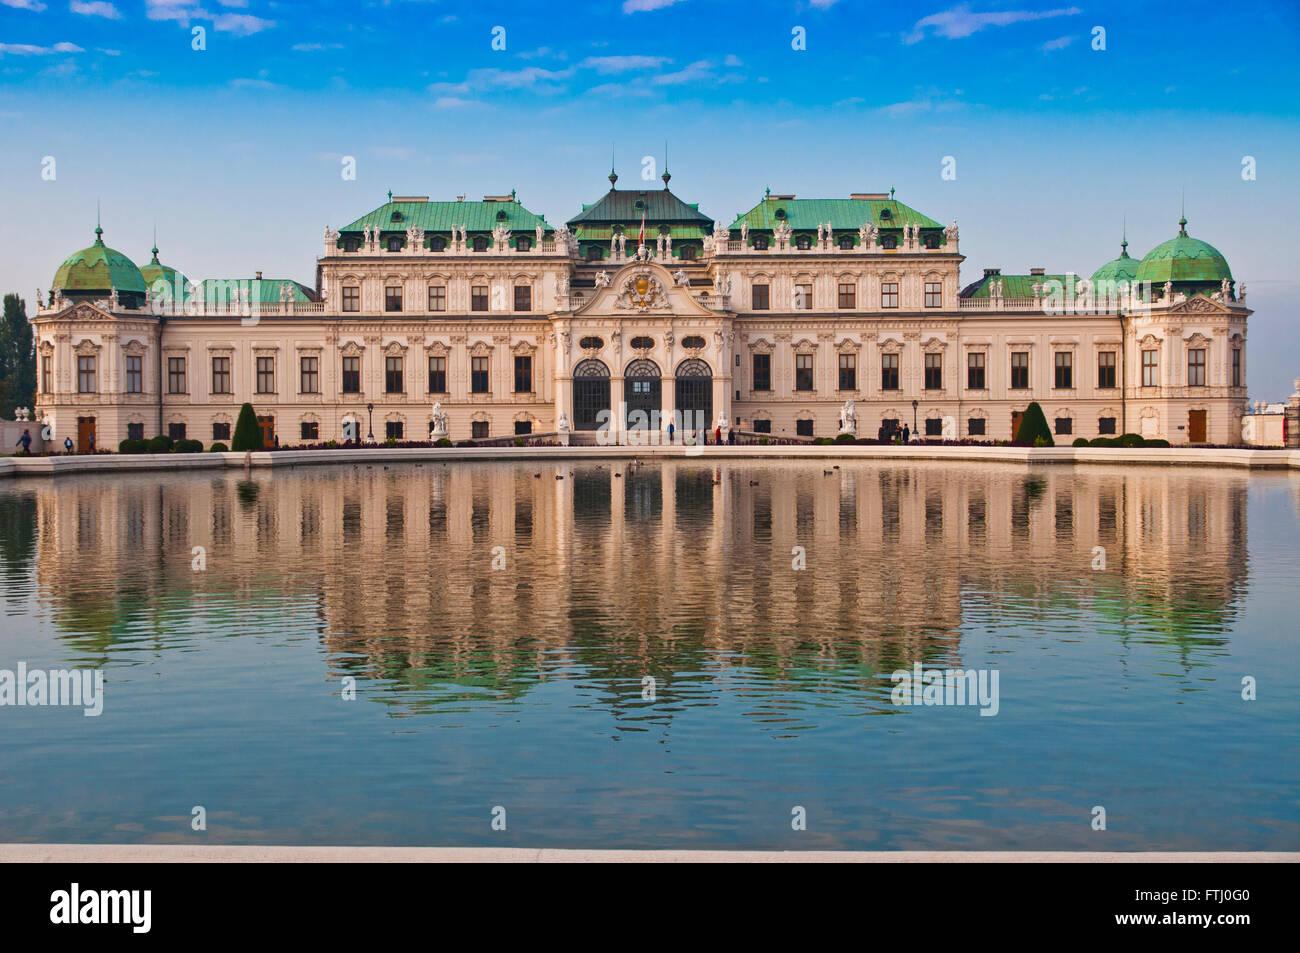 Belle vue sur le château de Schönbrunn à Vienne, en Autriche. Photo Stock